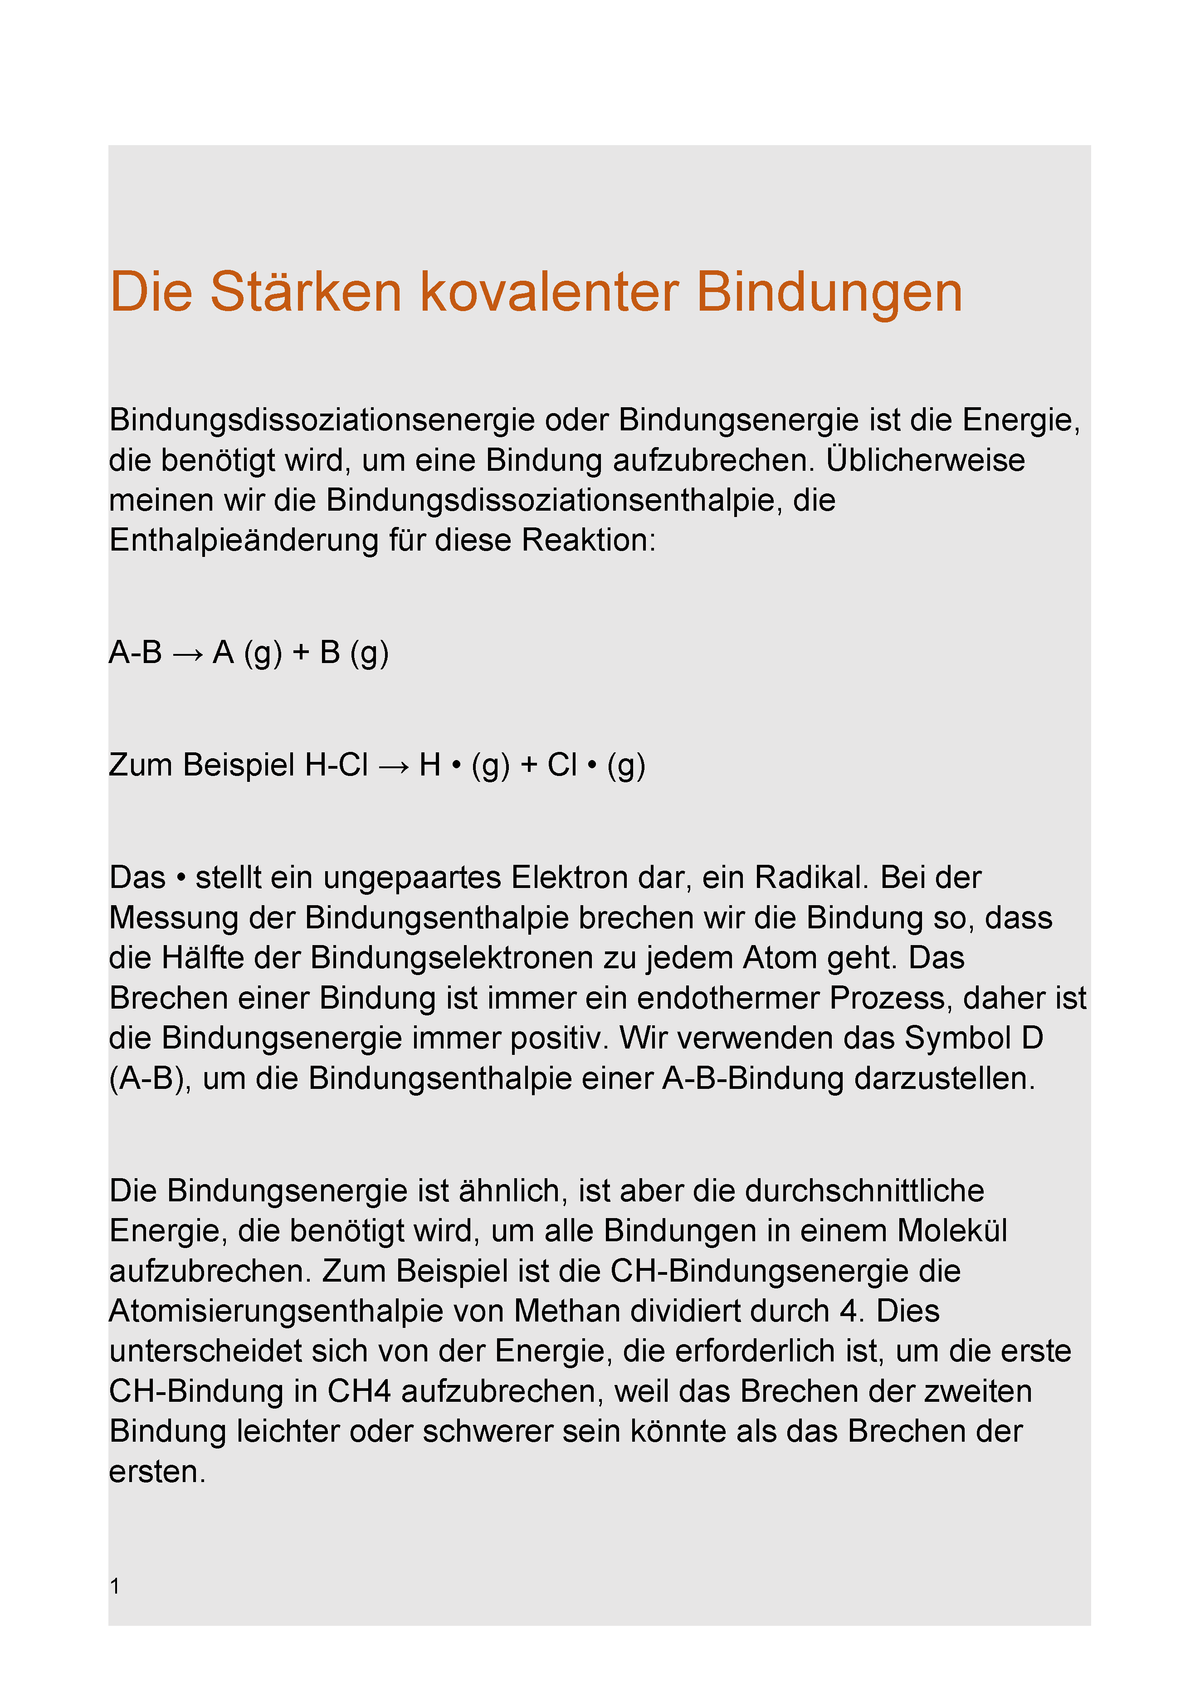 Die Stärken kovalenter Bindungen - CHEBM109 - Uni Potsdam - StuDocu